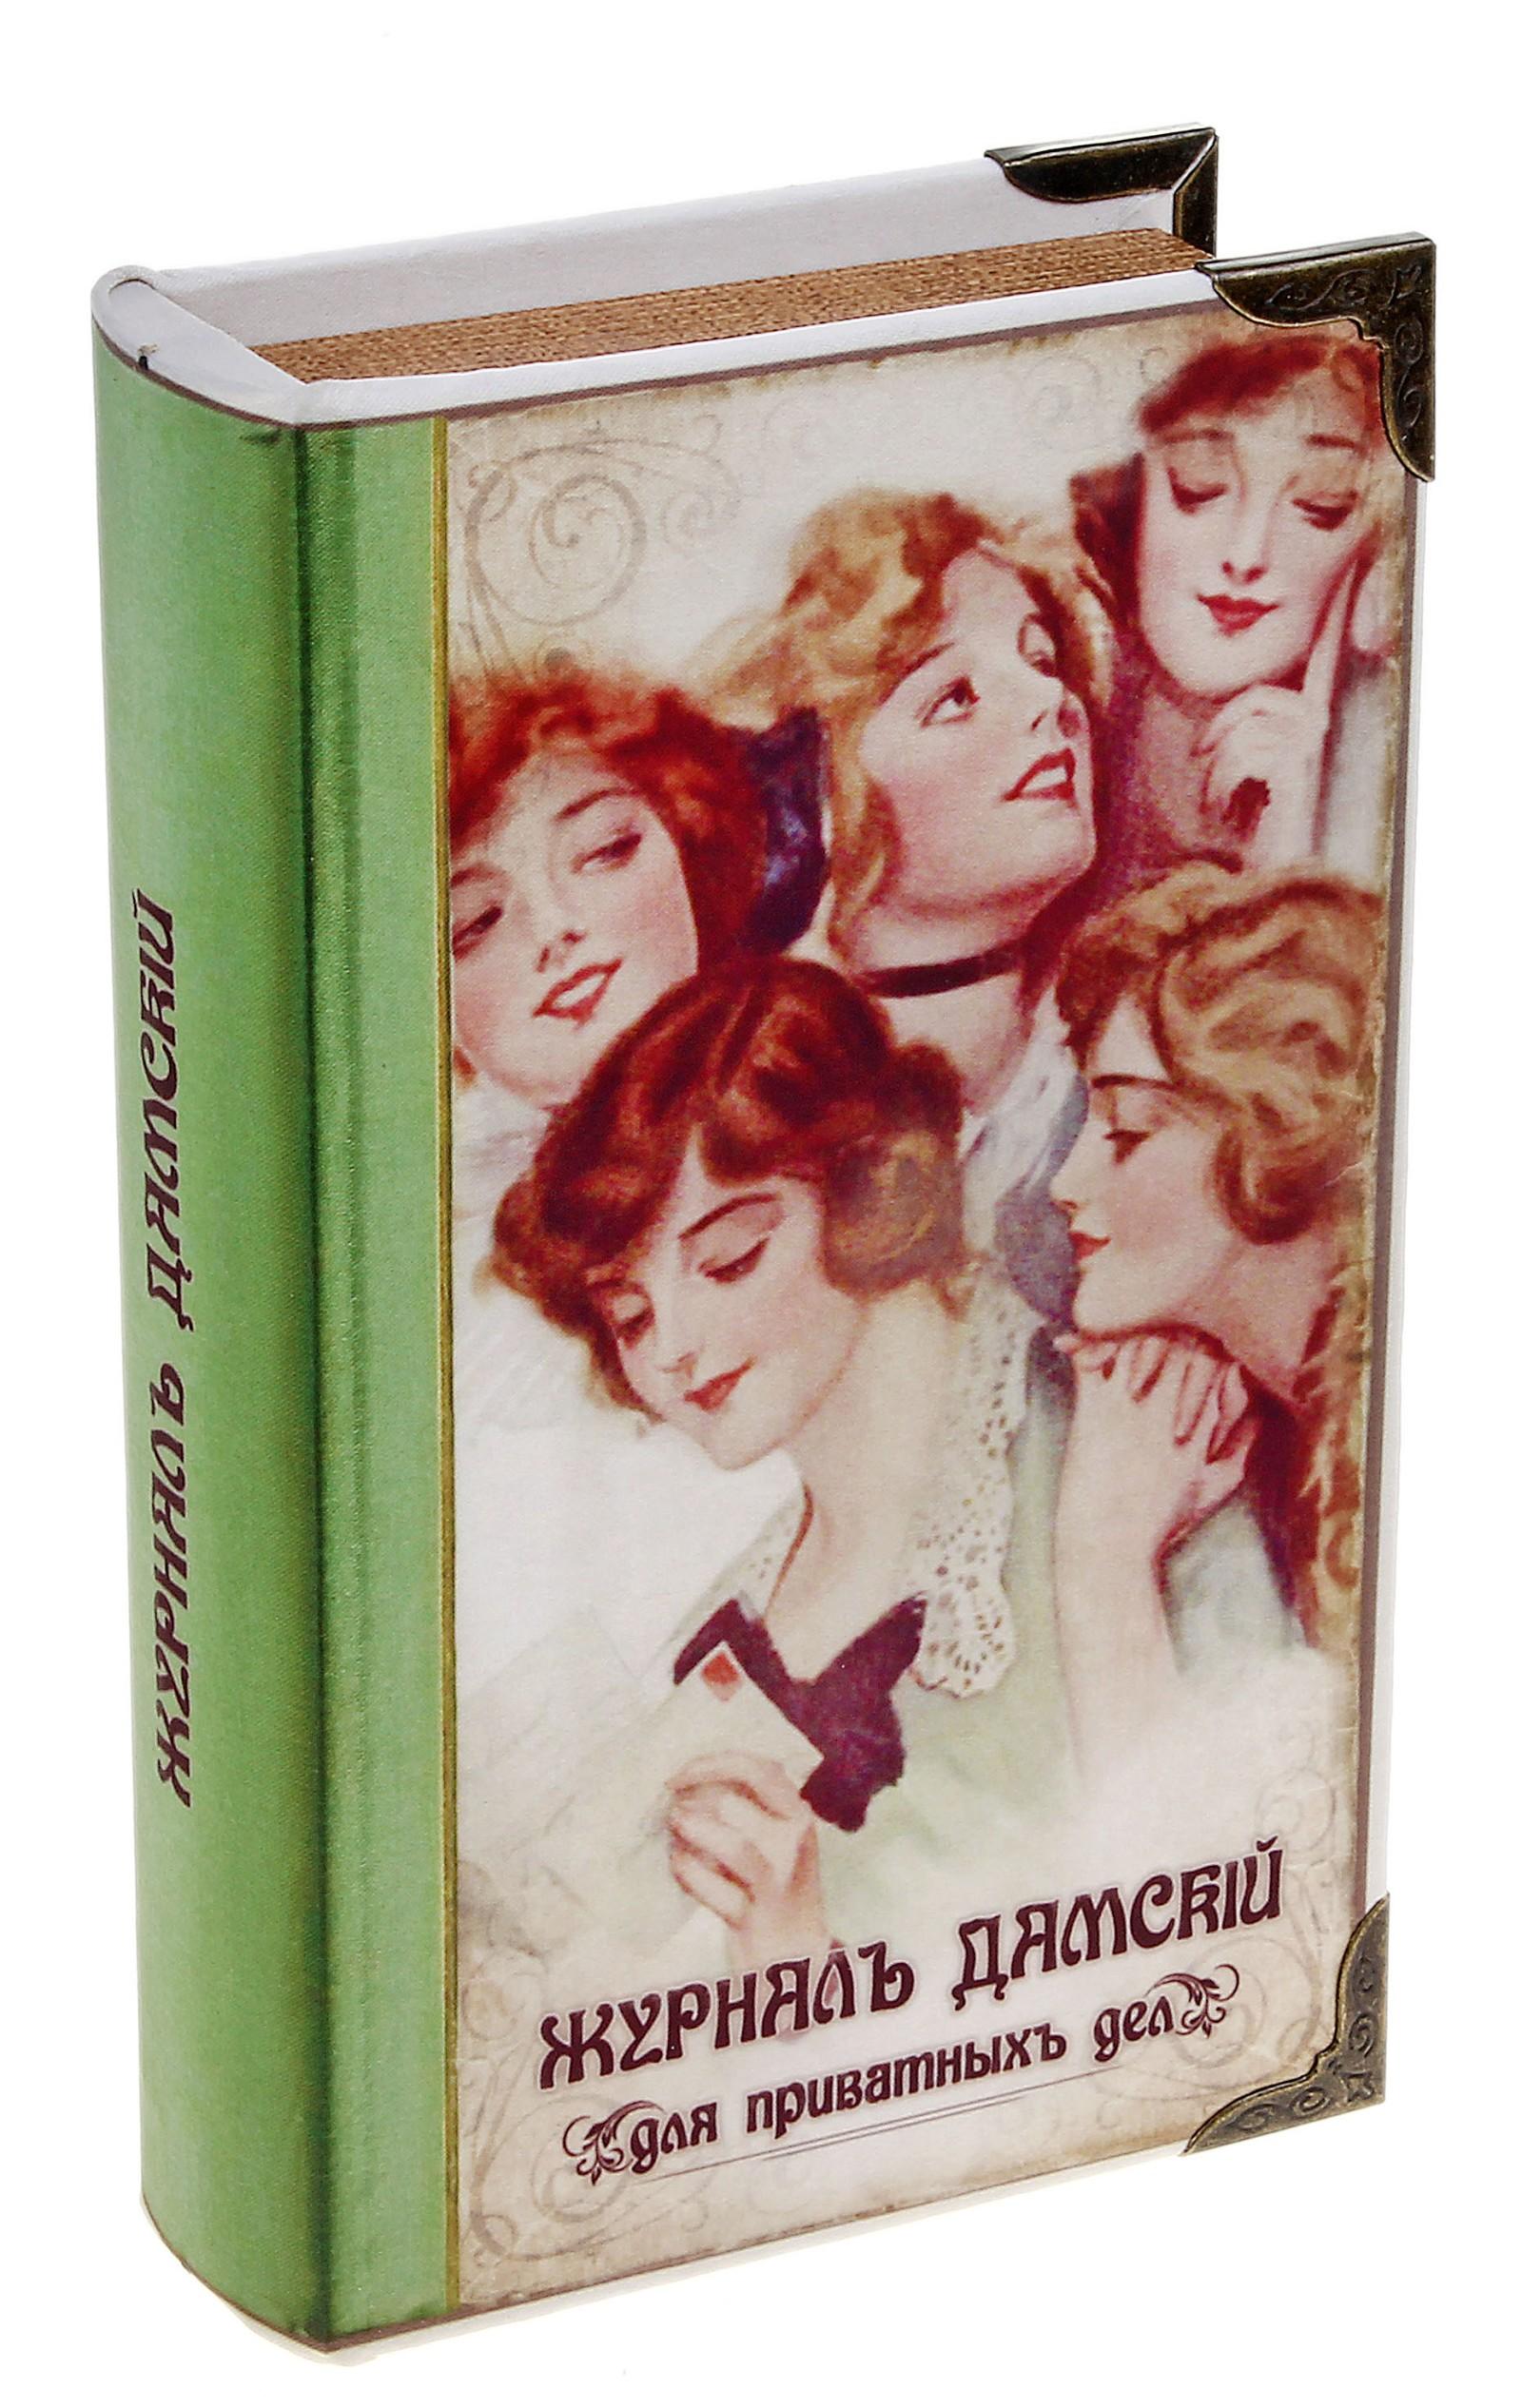 Шкатулка-книга Дамский журнал480439Оригинальное оформление шкатулки, несомненно, привлечет внимание. Шкатулка изготовлена в виде книги из дерева, поверхность которой выполнена из шёлка и оформлена старой фотографией пяти молодых девушек и надписью Журнал дамский. Для приватных дел. Такая шкатулка может использоваться для хранения бижутерии, в качестве украшения интерьера, а также послужит хорошим подарком для человека, ценящего практичные и оригинальные вещицы. Характеристики: Материал: дерево, кожзам, шёлк, металл. Размер шкатулки (в закрытом виде): 17 см х 11 см х 5 см. Размер упаковки: 18 см х 12 см х 6 см. Артикул: 48043.